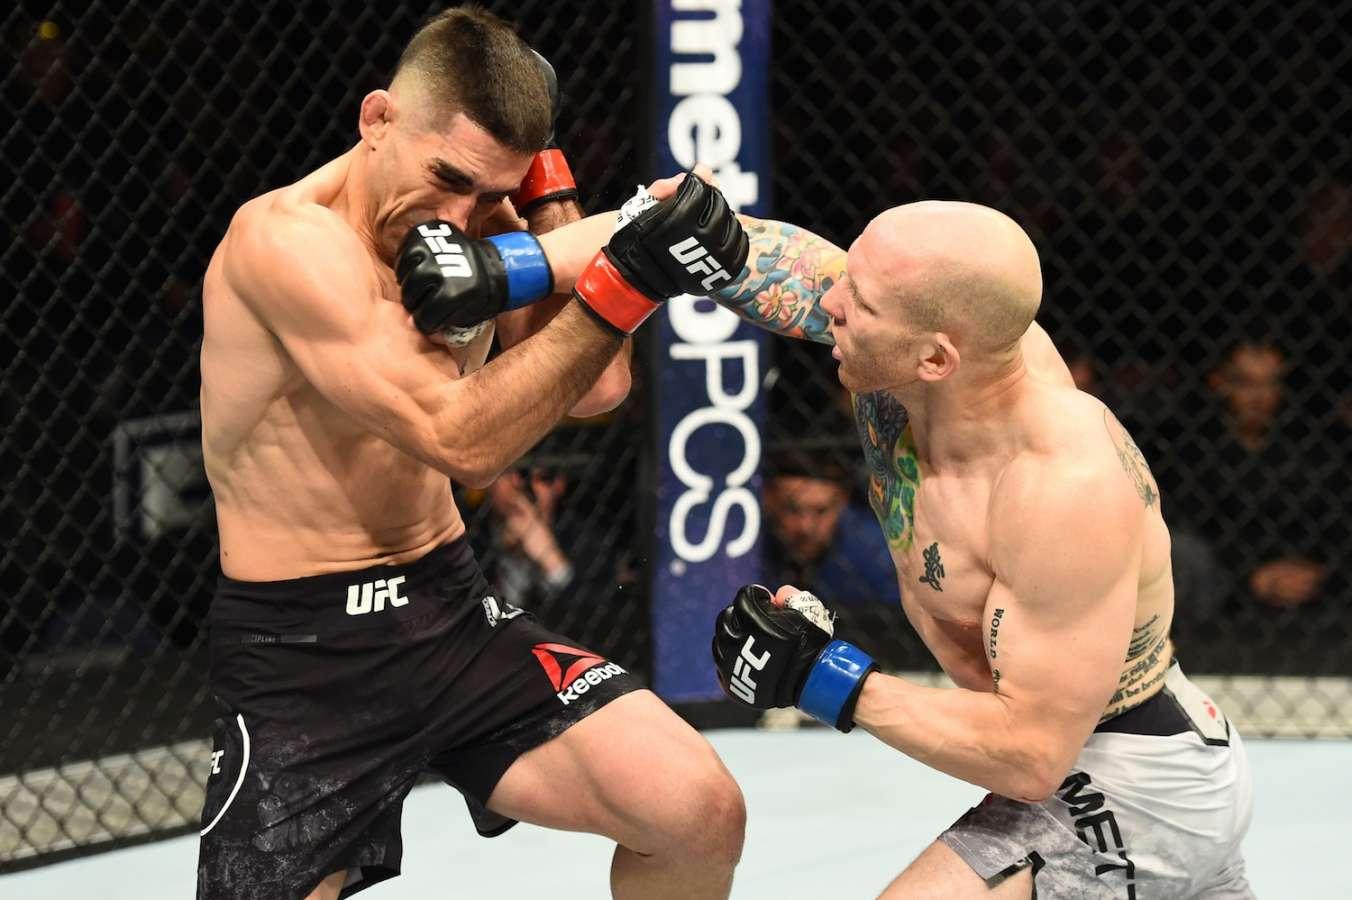 UFC: Josh Emmett vs Jeremy Stephens